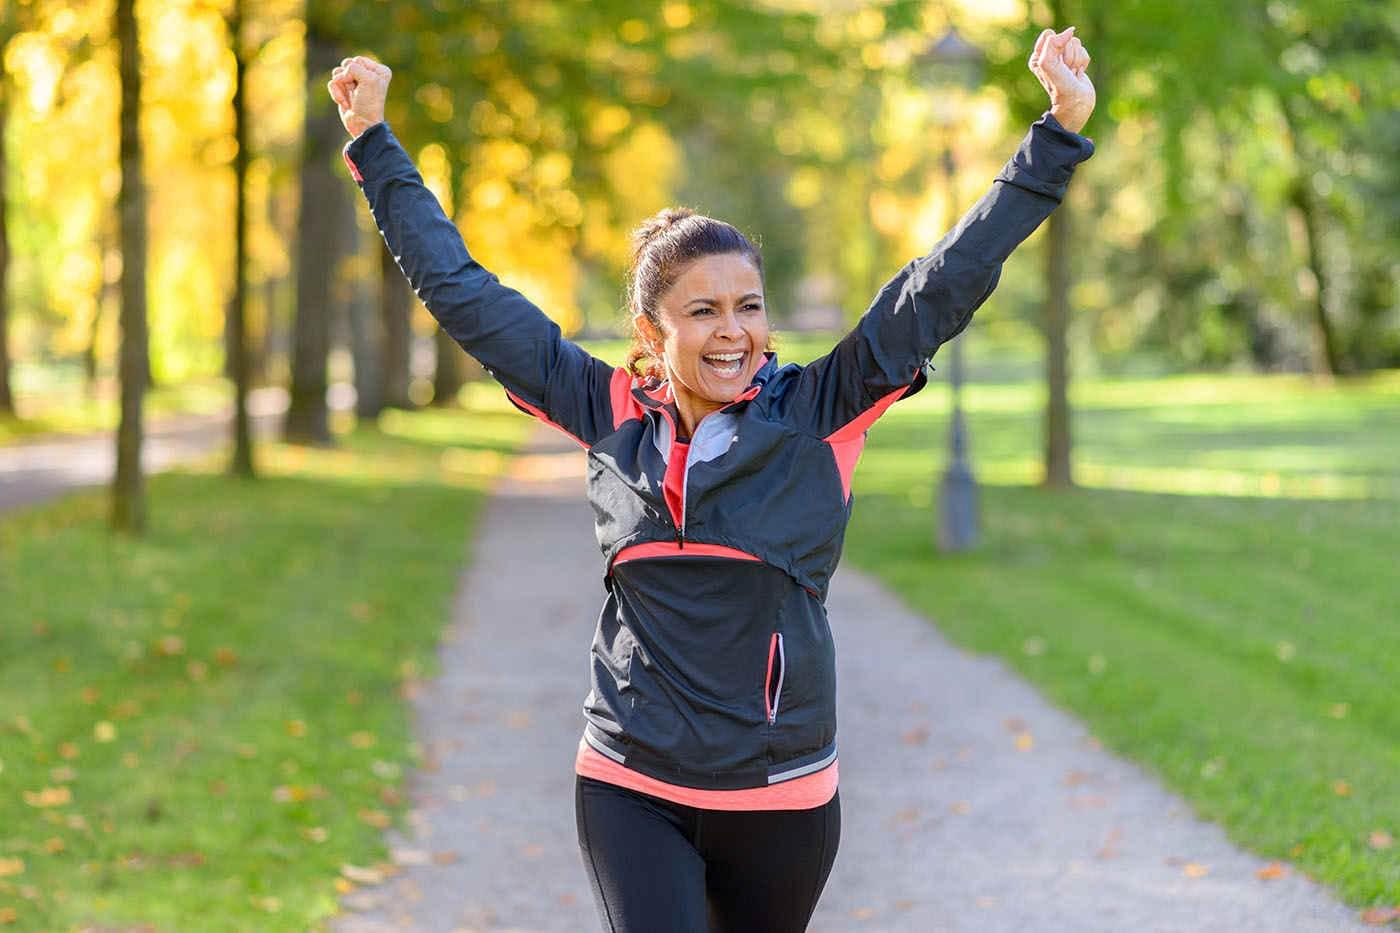 De ce apare euforia alergătorului și ce beneficii are alergatul